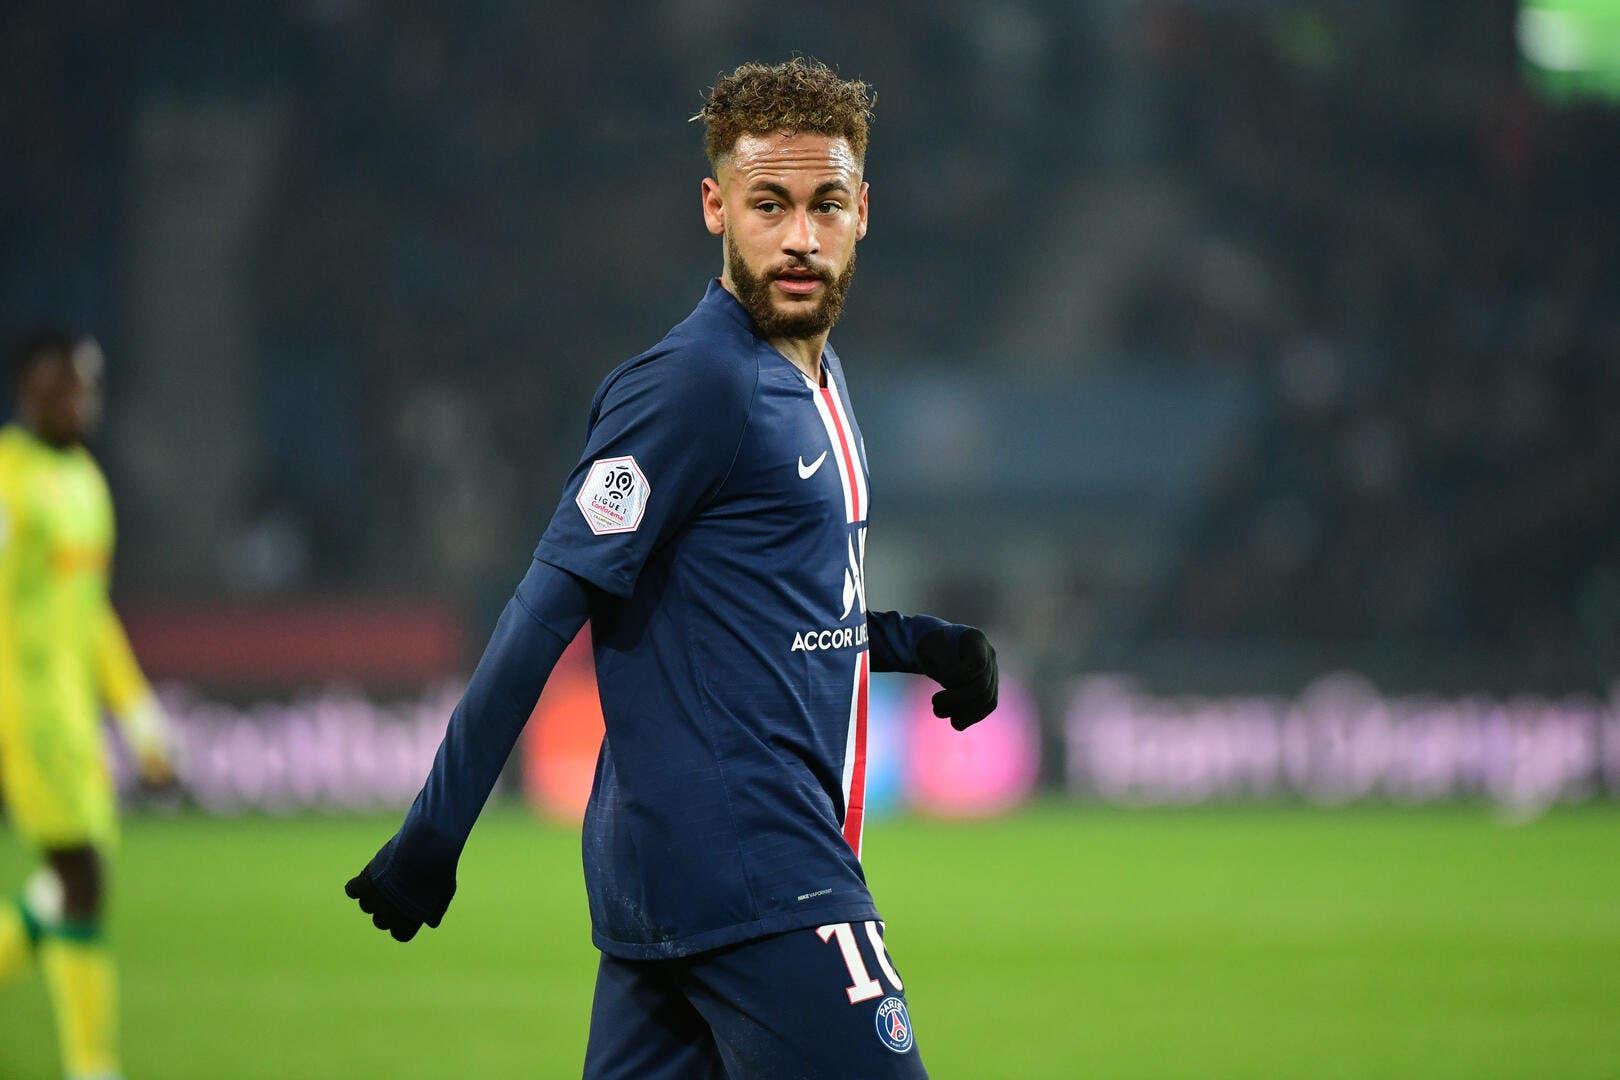 Mercato : Neymar remplacé au PSG par un joueur à 0 euro ?